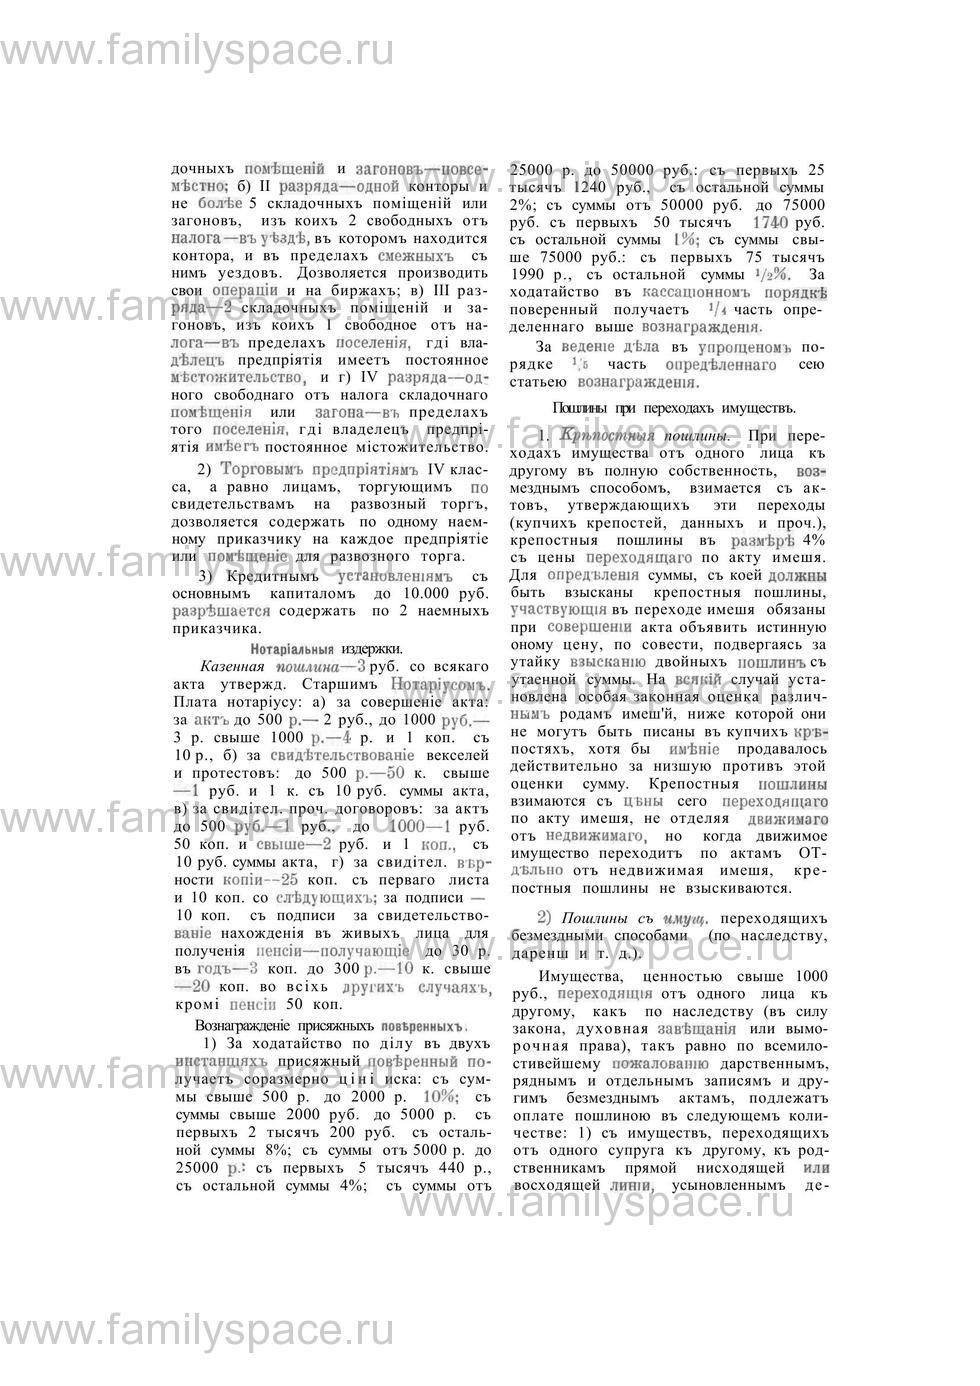 Поиск по фамилии - Екатеринославский адрес-календарь на 1913 год, страница 2054